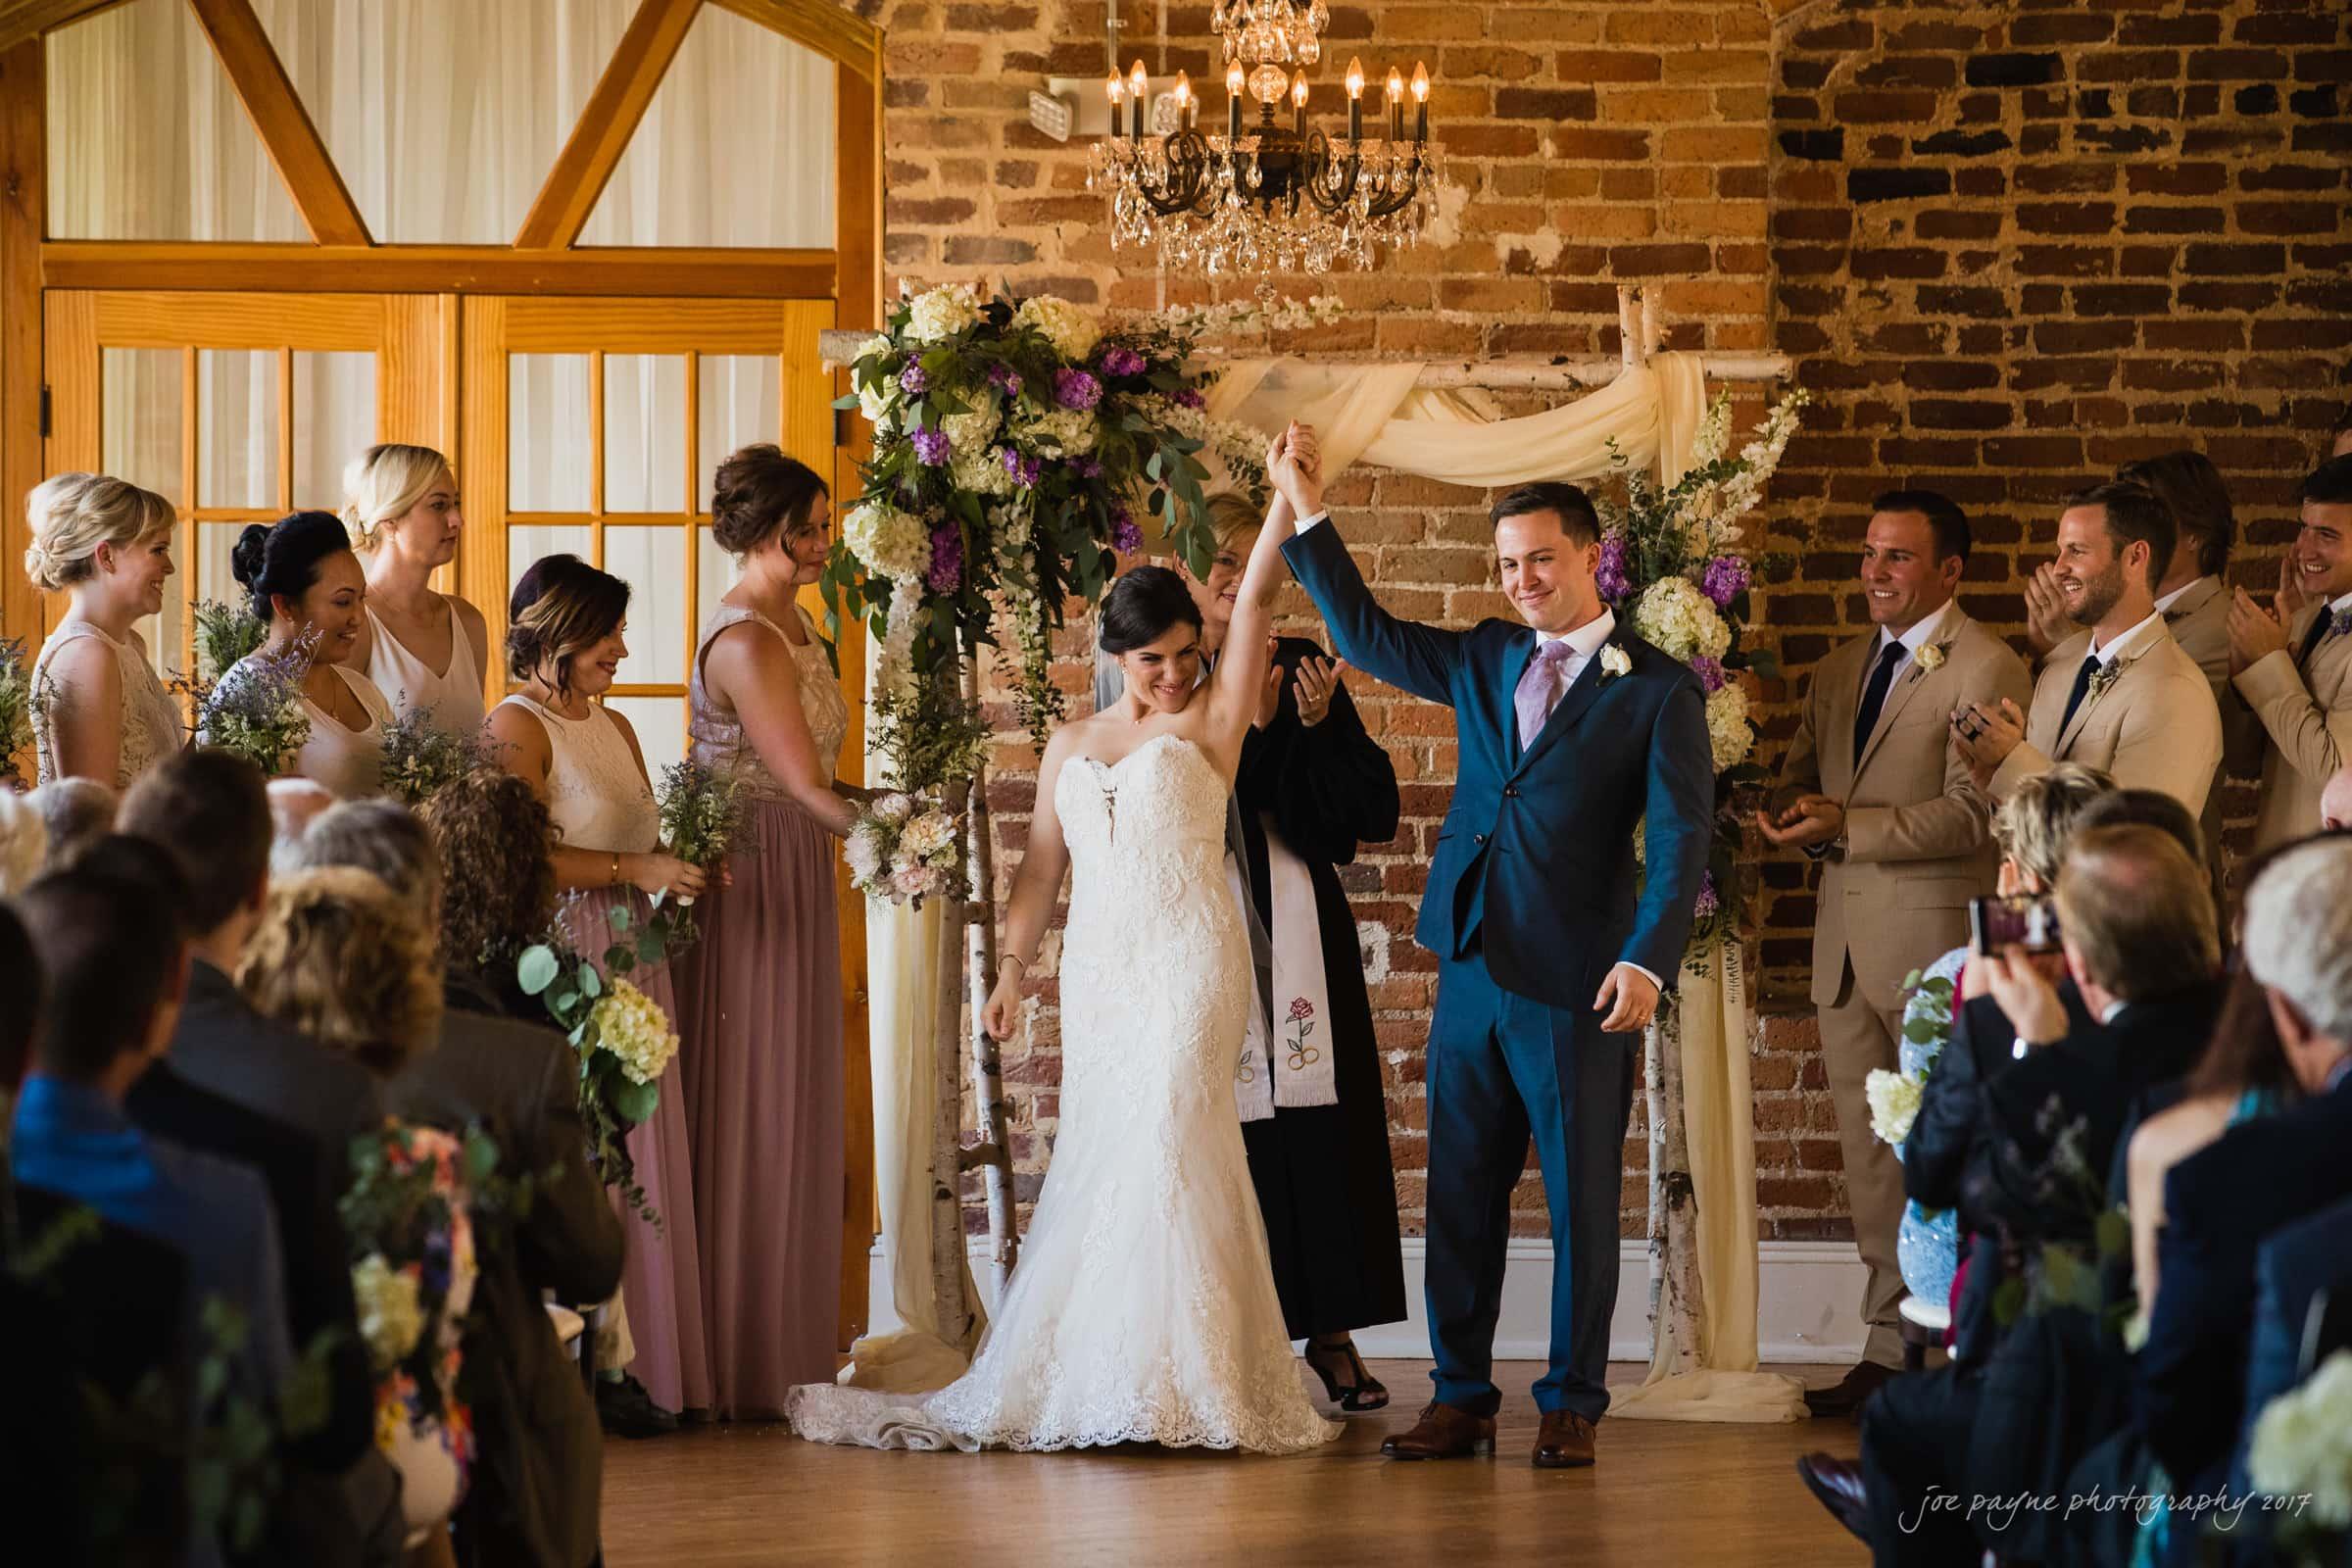 Melrose Knitting Mill Wedding : Melrose knitting mill wedding natalie elliot